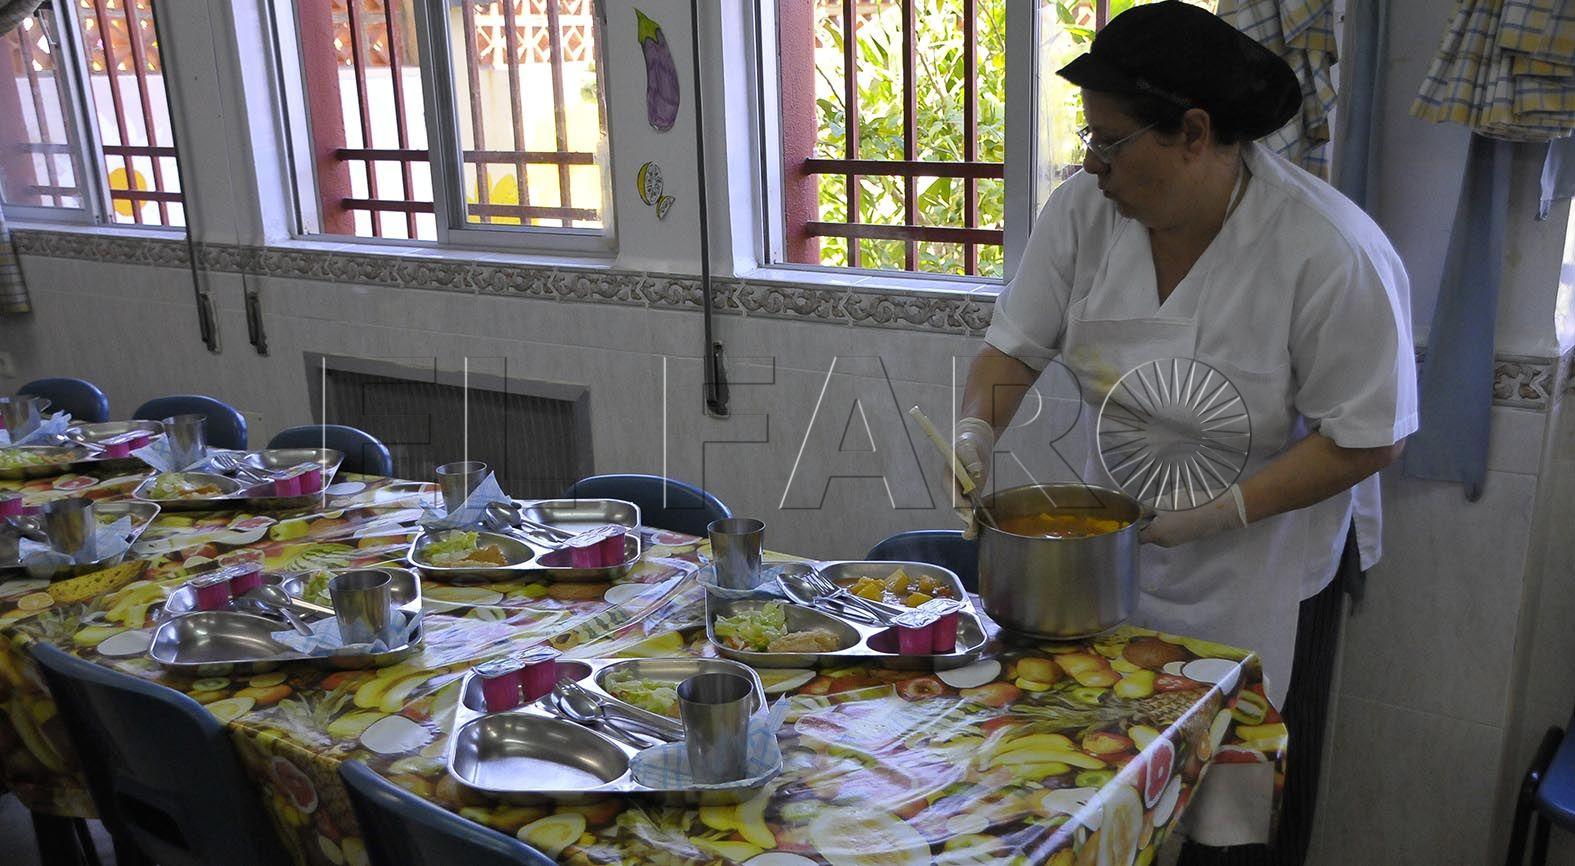 Los directores exigirán a Ciudad y MECD que regularice los comedores